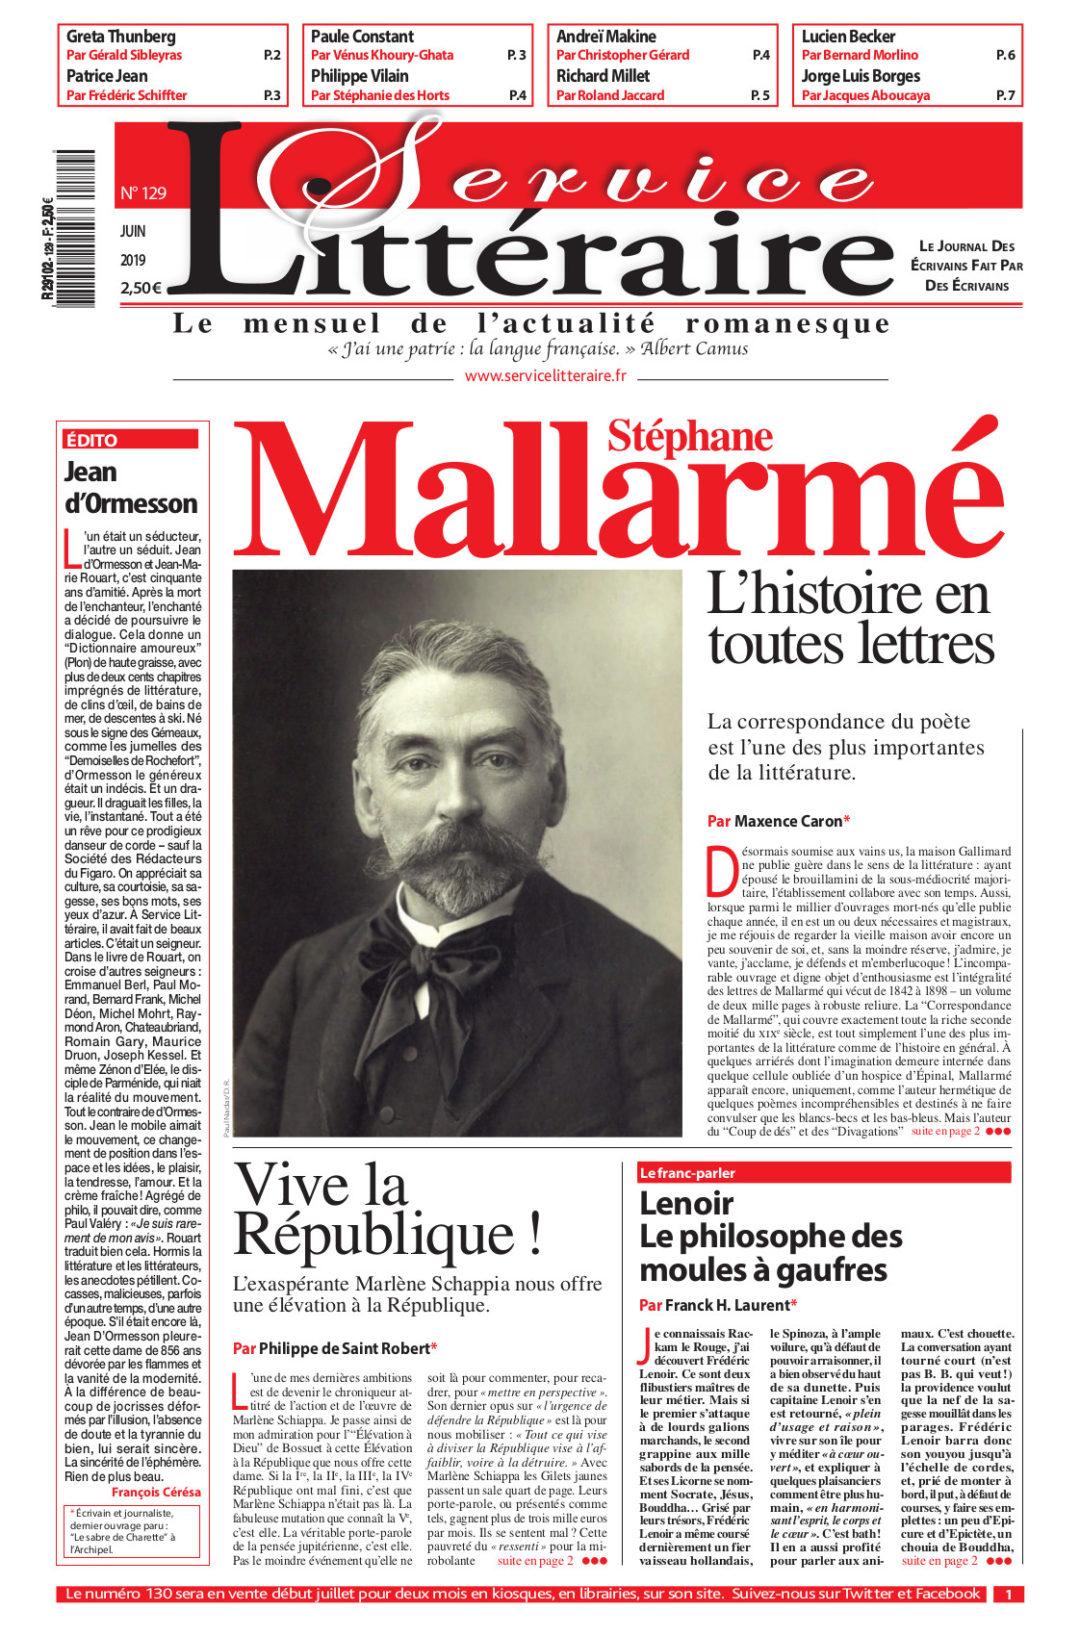 service_litteraire_129 Juin 2019 Mallarmé